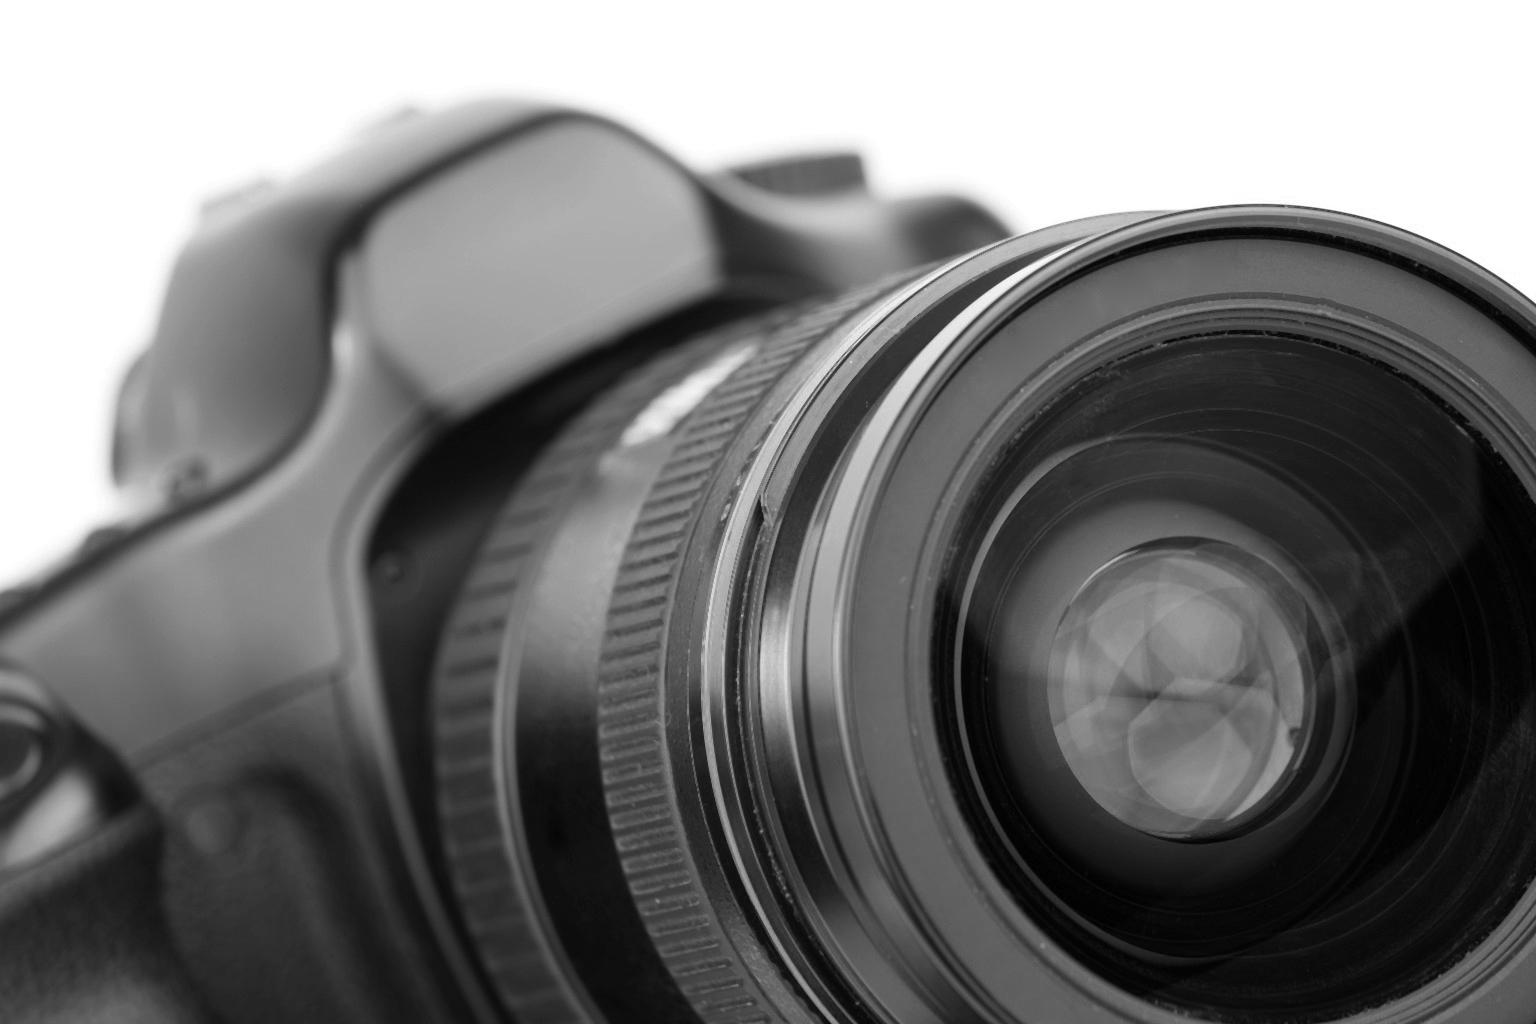 Un gros plan sur un appareil photo reflex en noir et blanc